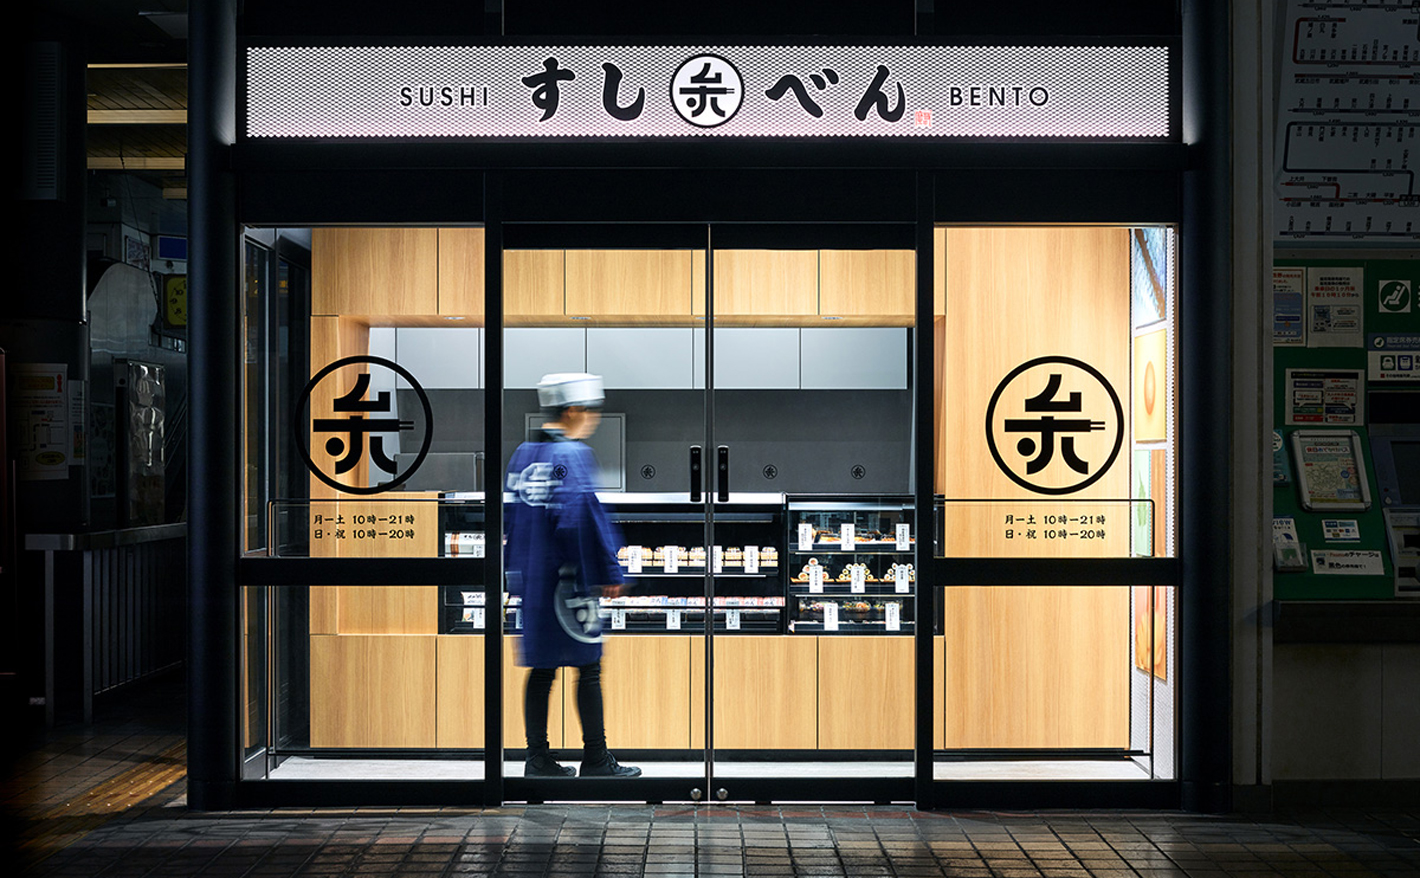 焼き鯖すしの生みの親「若廣」が、新たに初めた弁当屋のブランディングデザインを手がけています。<br /> <br /> 熟練の職人が手がけるお寿司を、弁当感覚でもっと身近に、もっと気軽に手にとってもらいたい、という思いからスタートしたブランドです。シンボルマークは日本固有の文化である家紋をモチーフに制作。平仮名の「す」「し」、漢字の「弁」や「巻き寿司」、「お箸」の要素を一つの形に落とし込んだデザインに仕上げています。